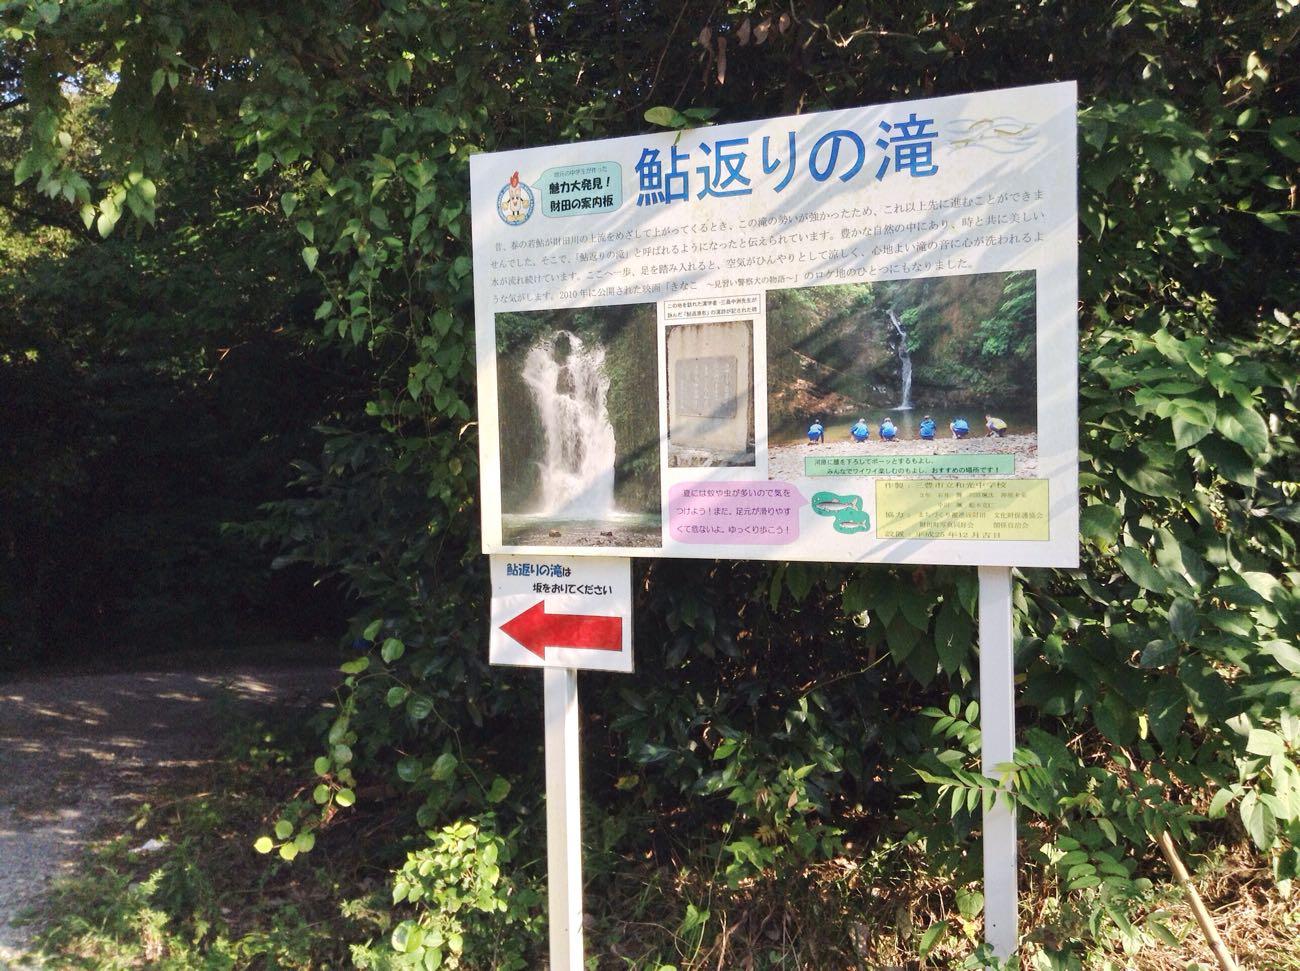 鮎返りの滝への看板